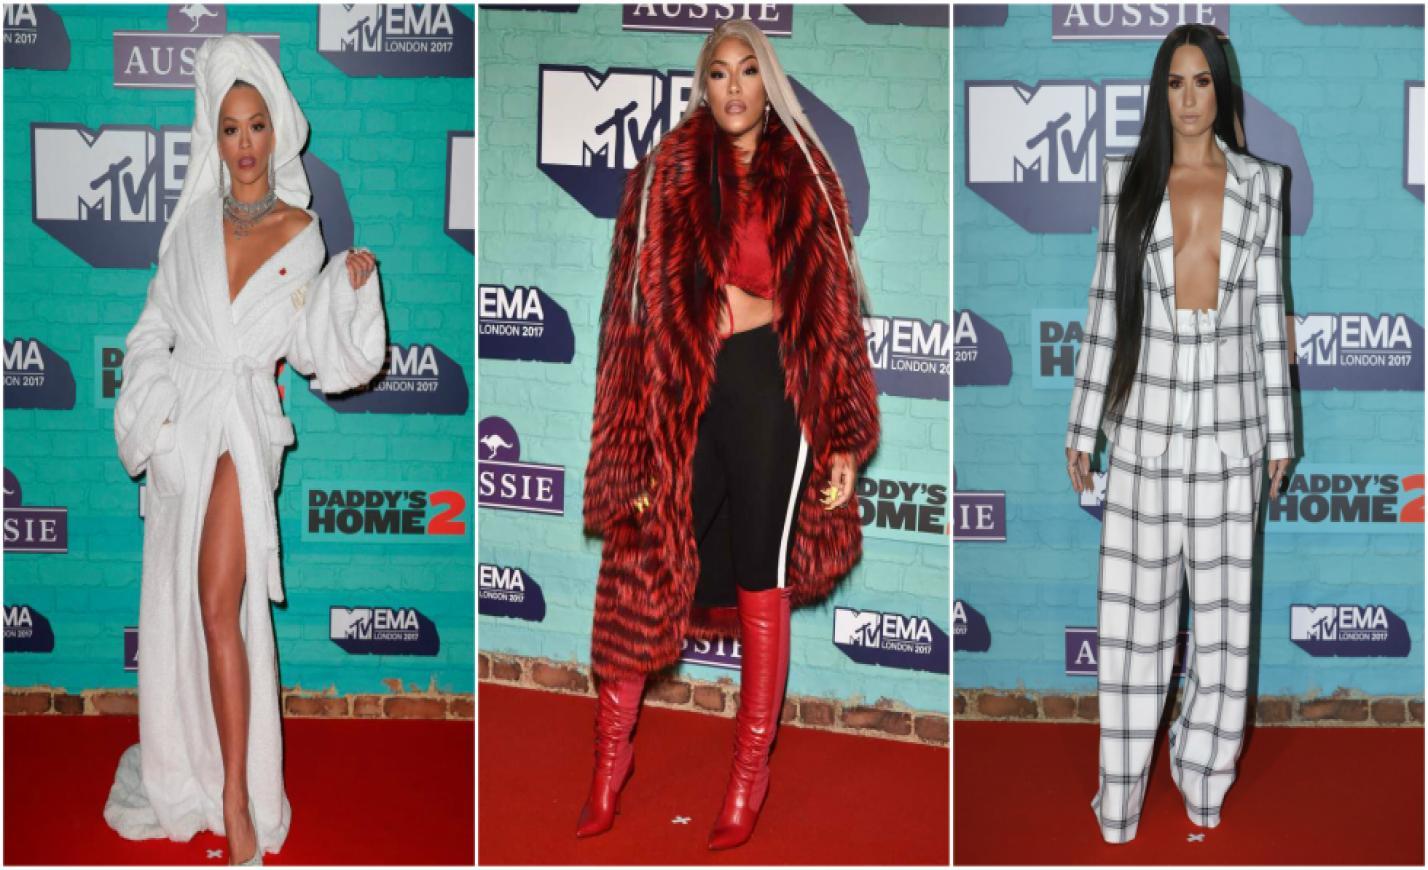 Ezek voltak az MTV EMA legjobb és legrosszabb szettjei